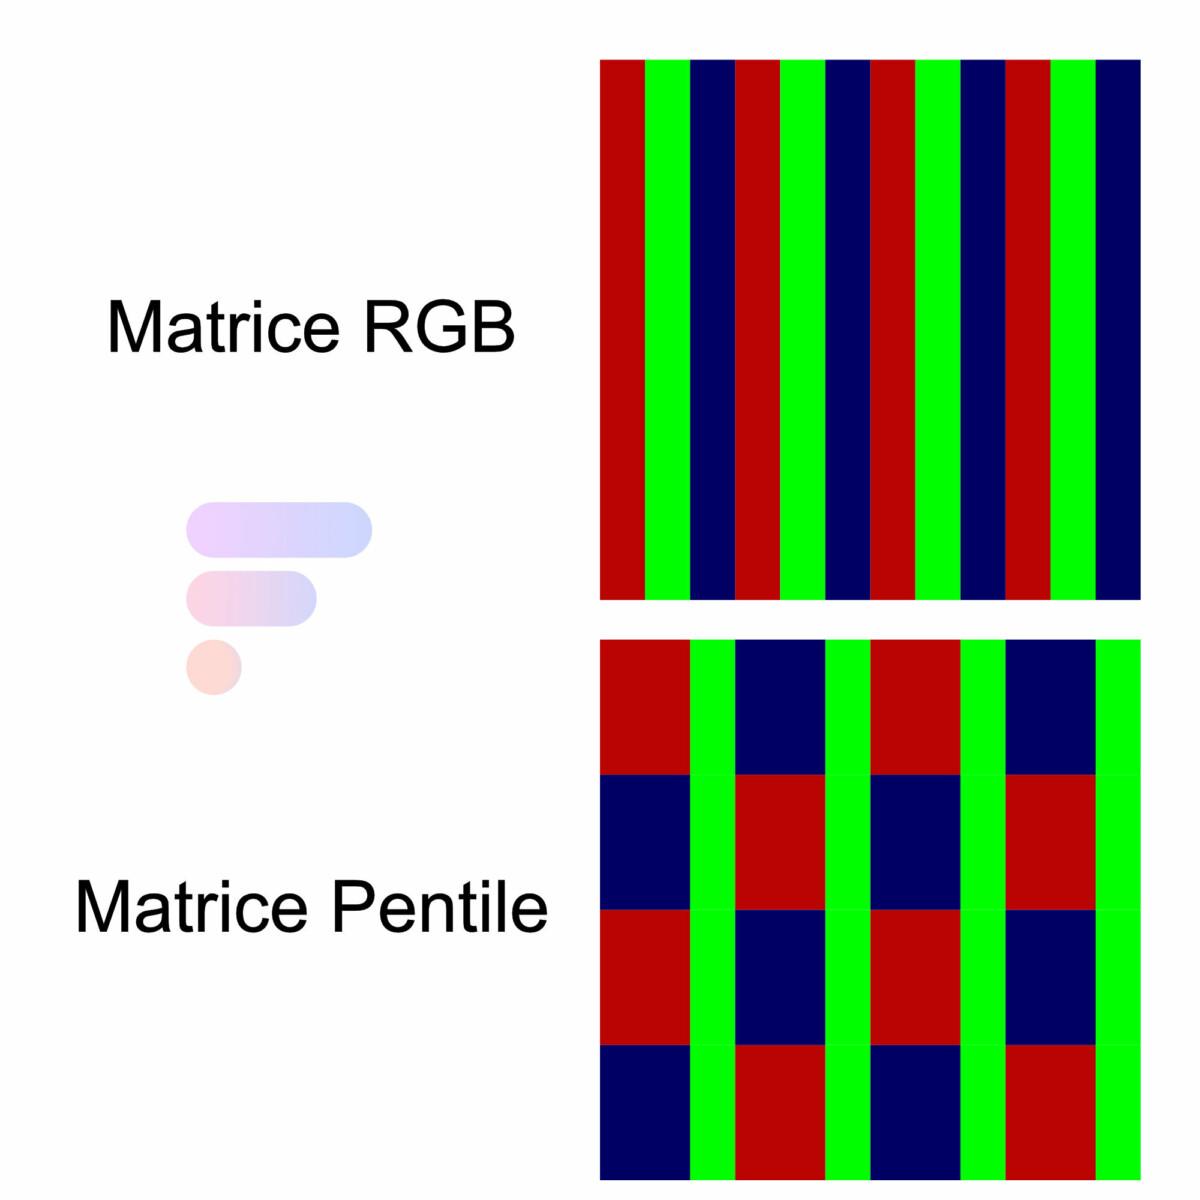 Matrices RGB vs Pentile